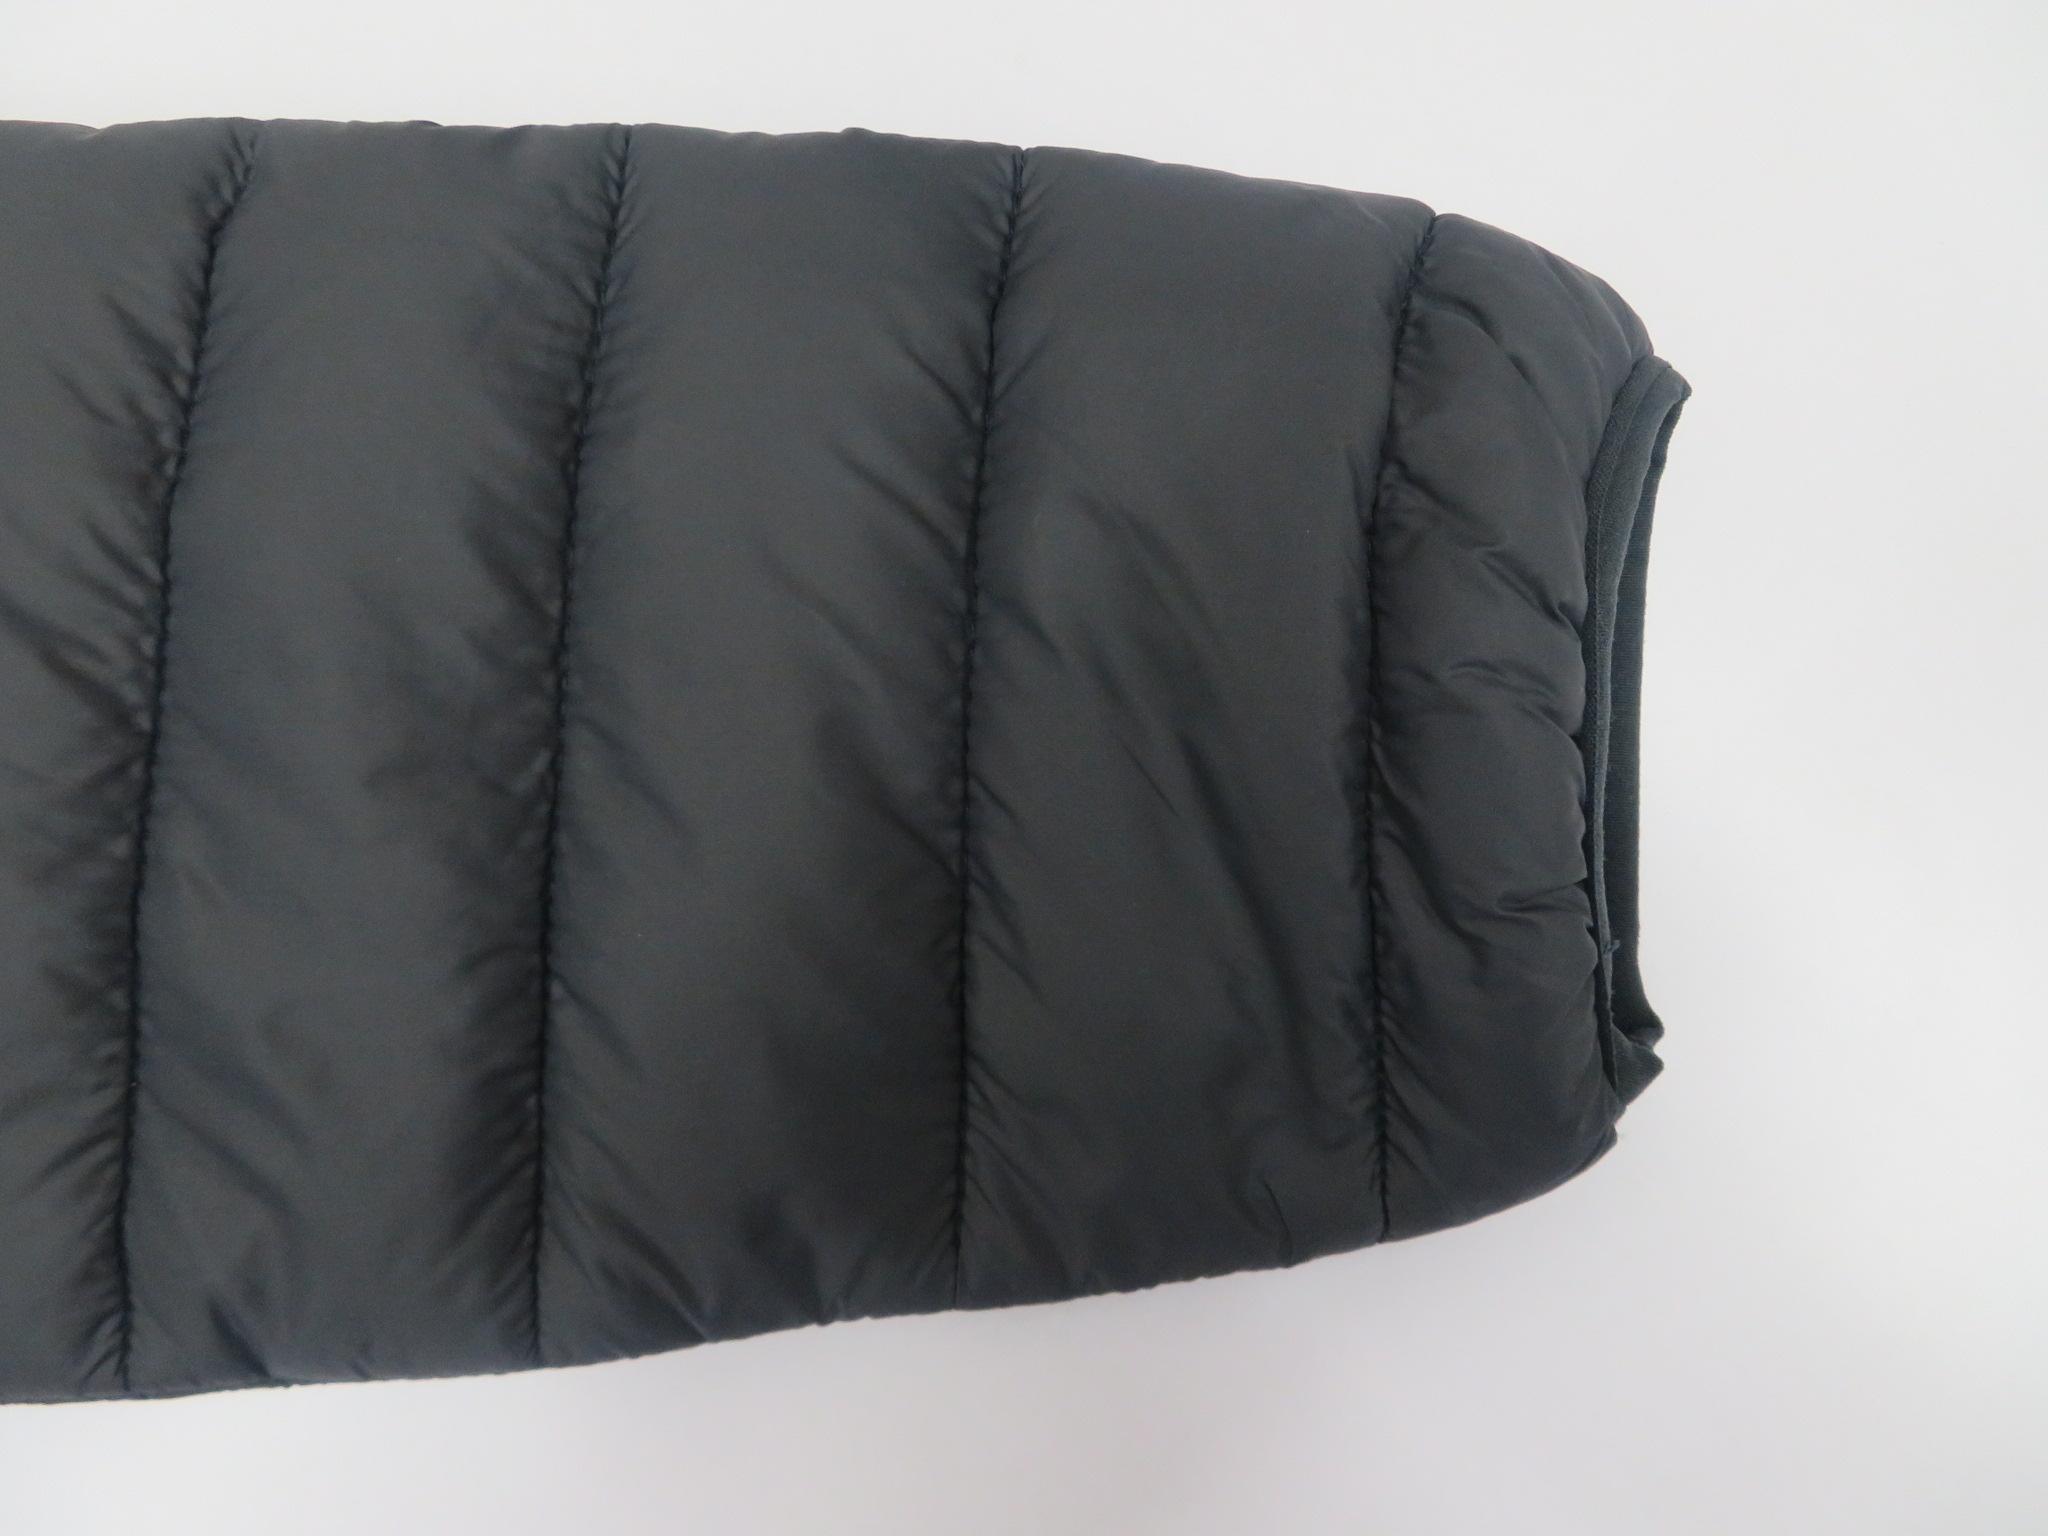 2018秋冬新款熱銷男士保暖棉服外套批發 5